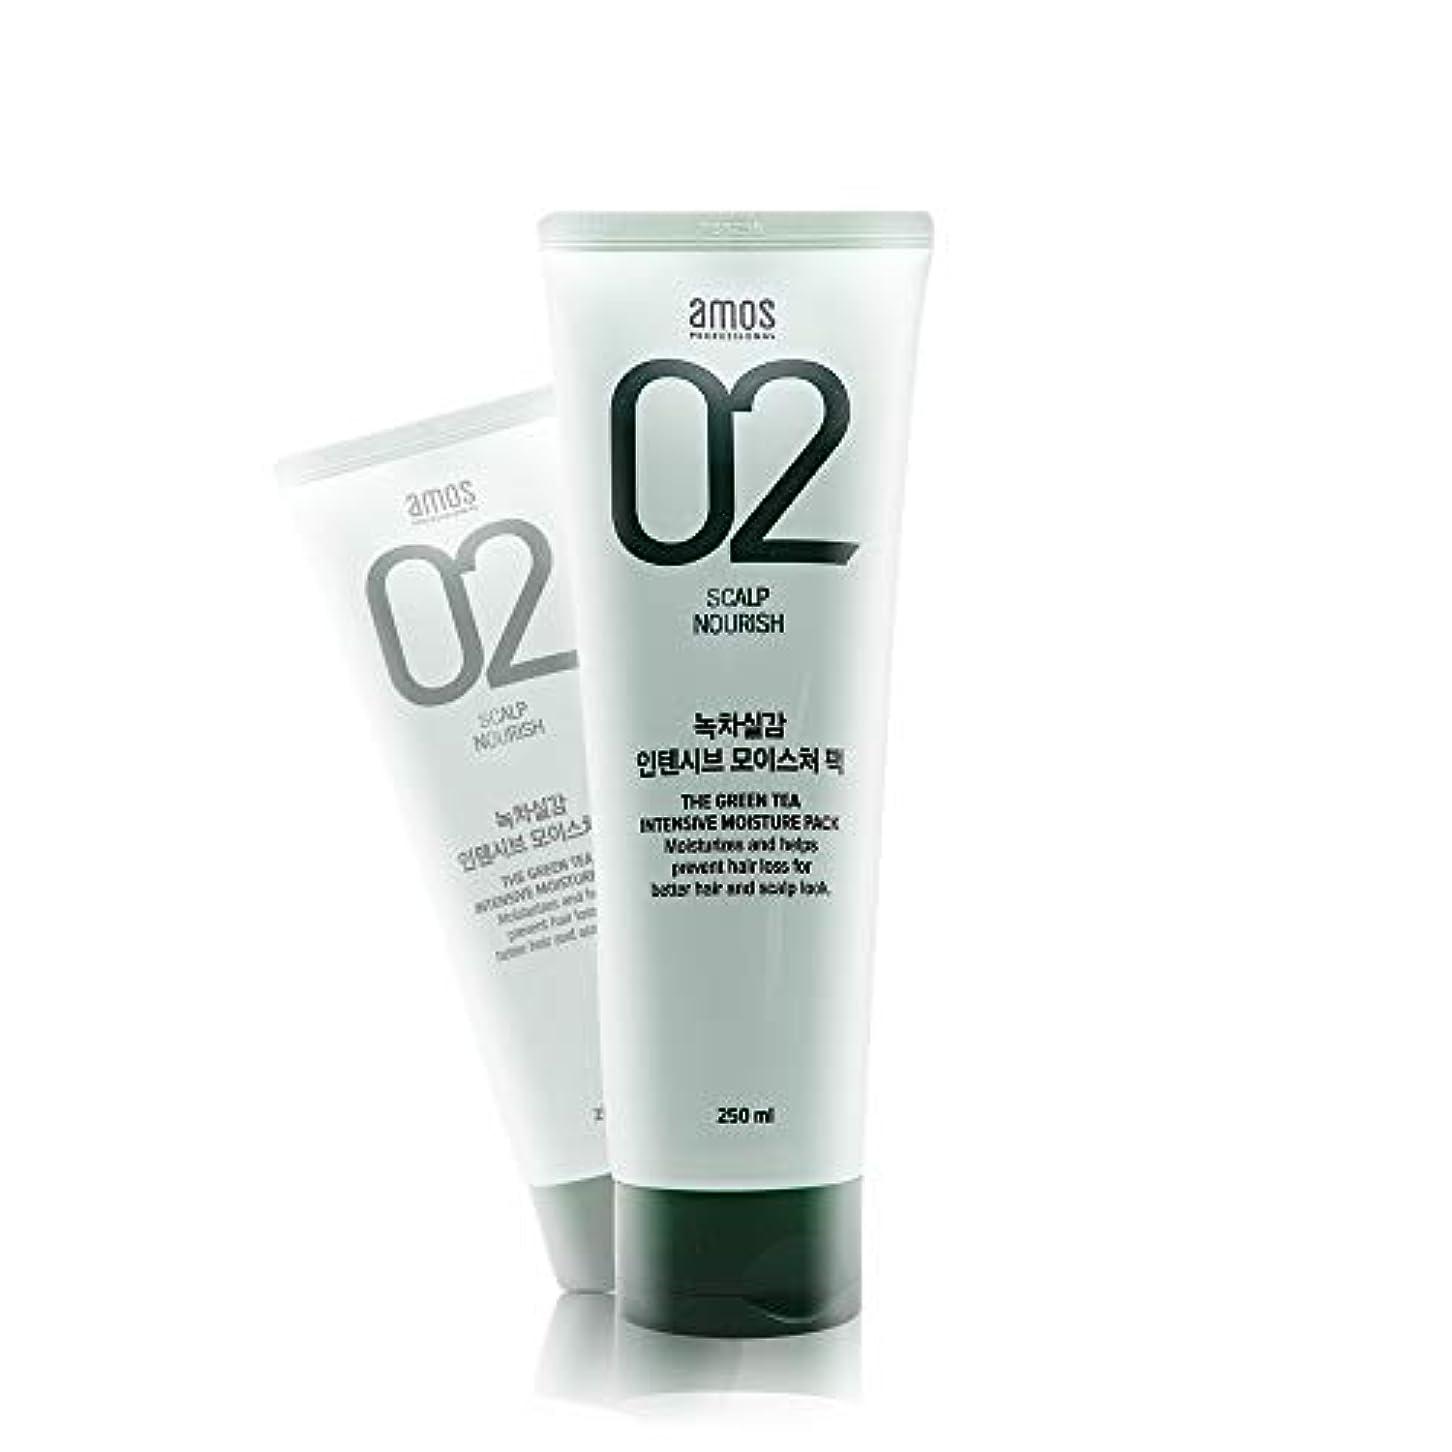 ページェントカウボーイゆるくアモス AMOS 緑茶実感インテンシブモイスチャーパック 250g, Feel the Green Tea Intensive Moisture Hair Pack